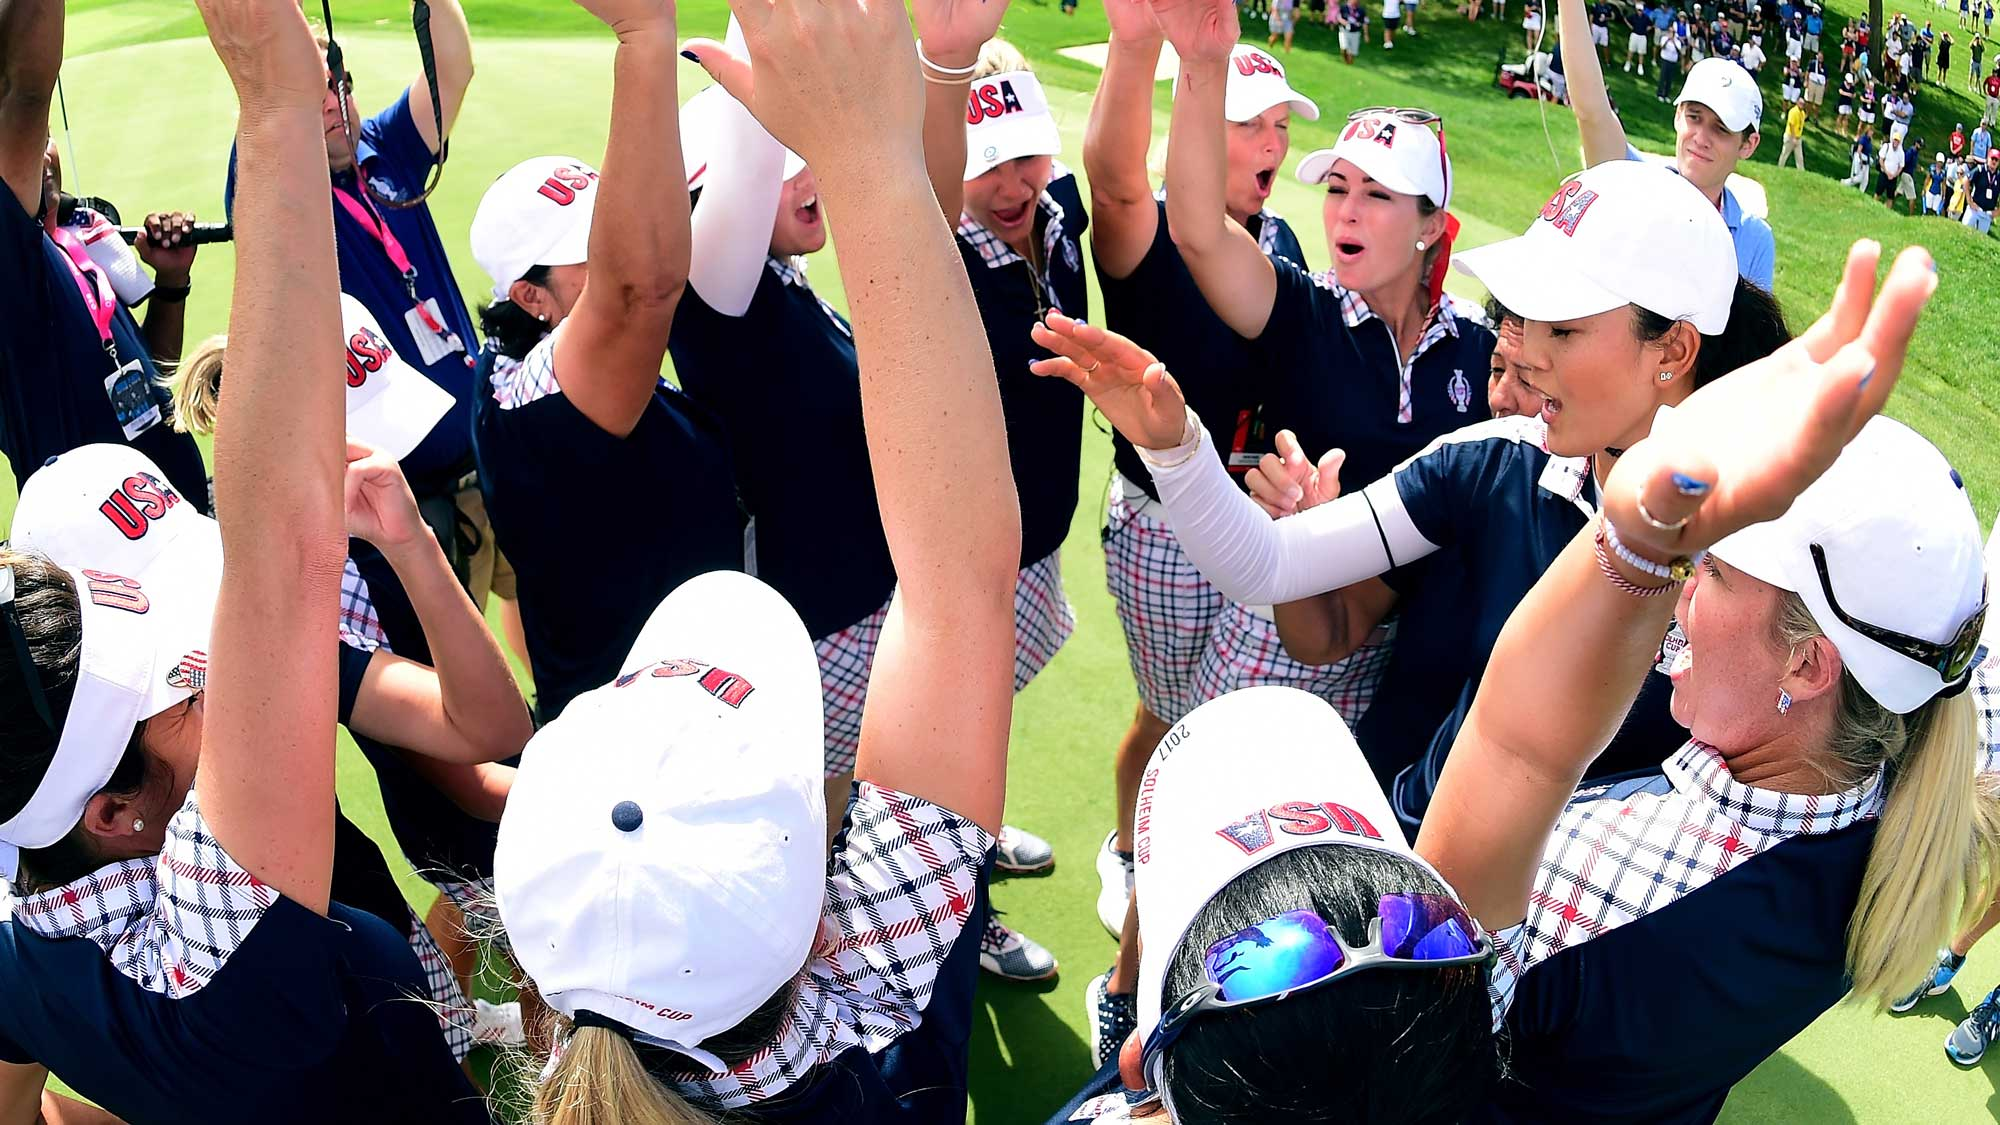 Team USA Wins Solheim Cup, Defeats Team Europe 16 1/2 - 11 1/2